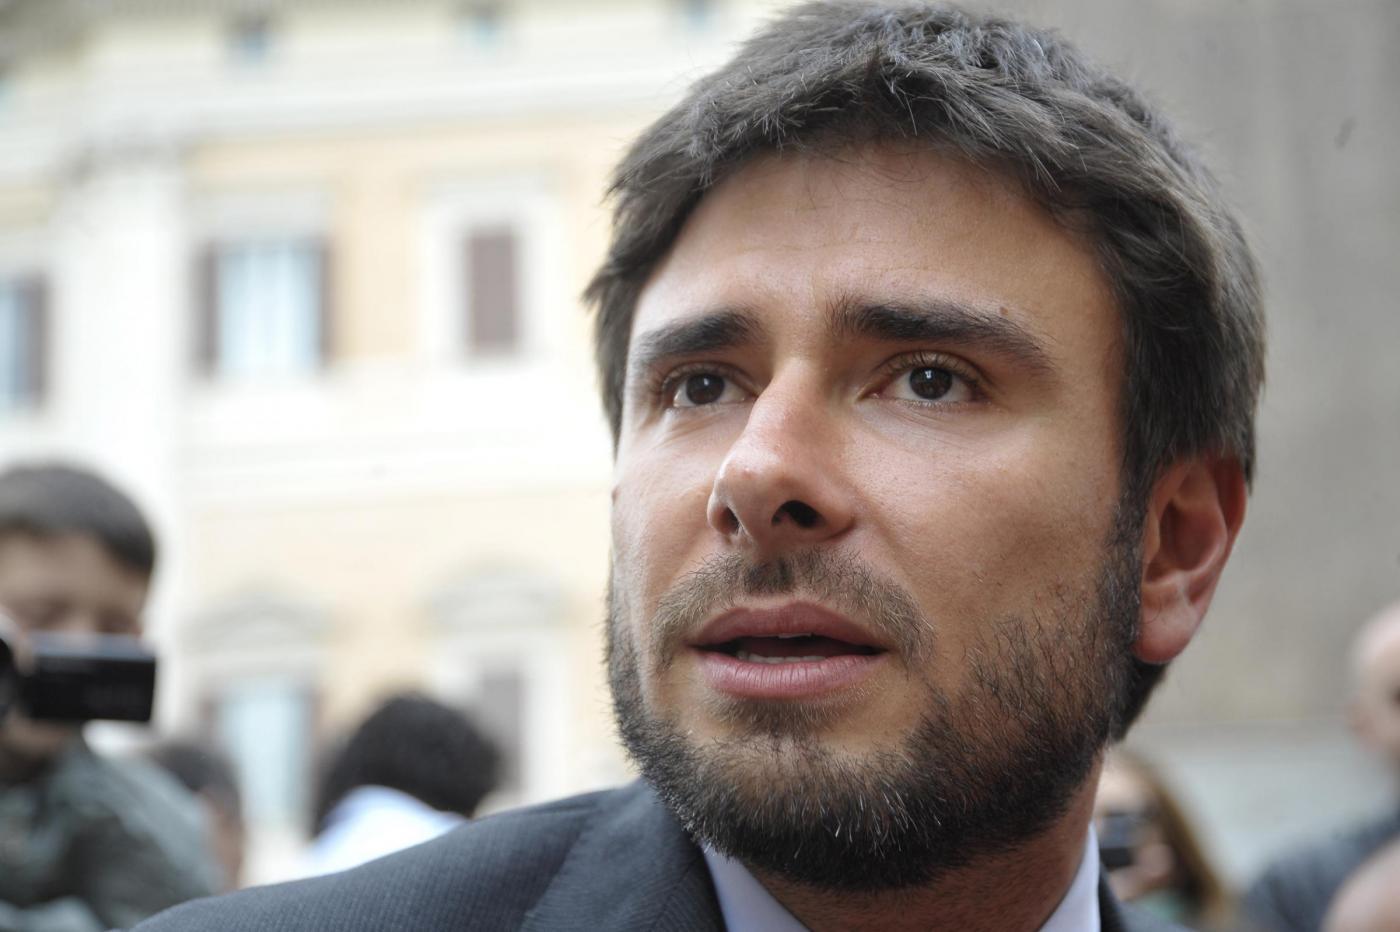 Alessandro Di Battista: Le dimissioni di Renzi e il coraggio delle opinioni